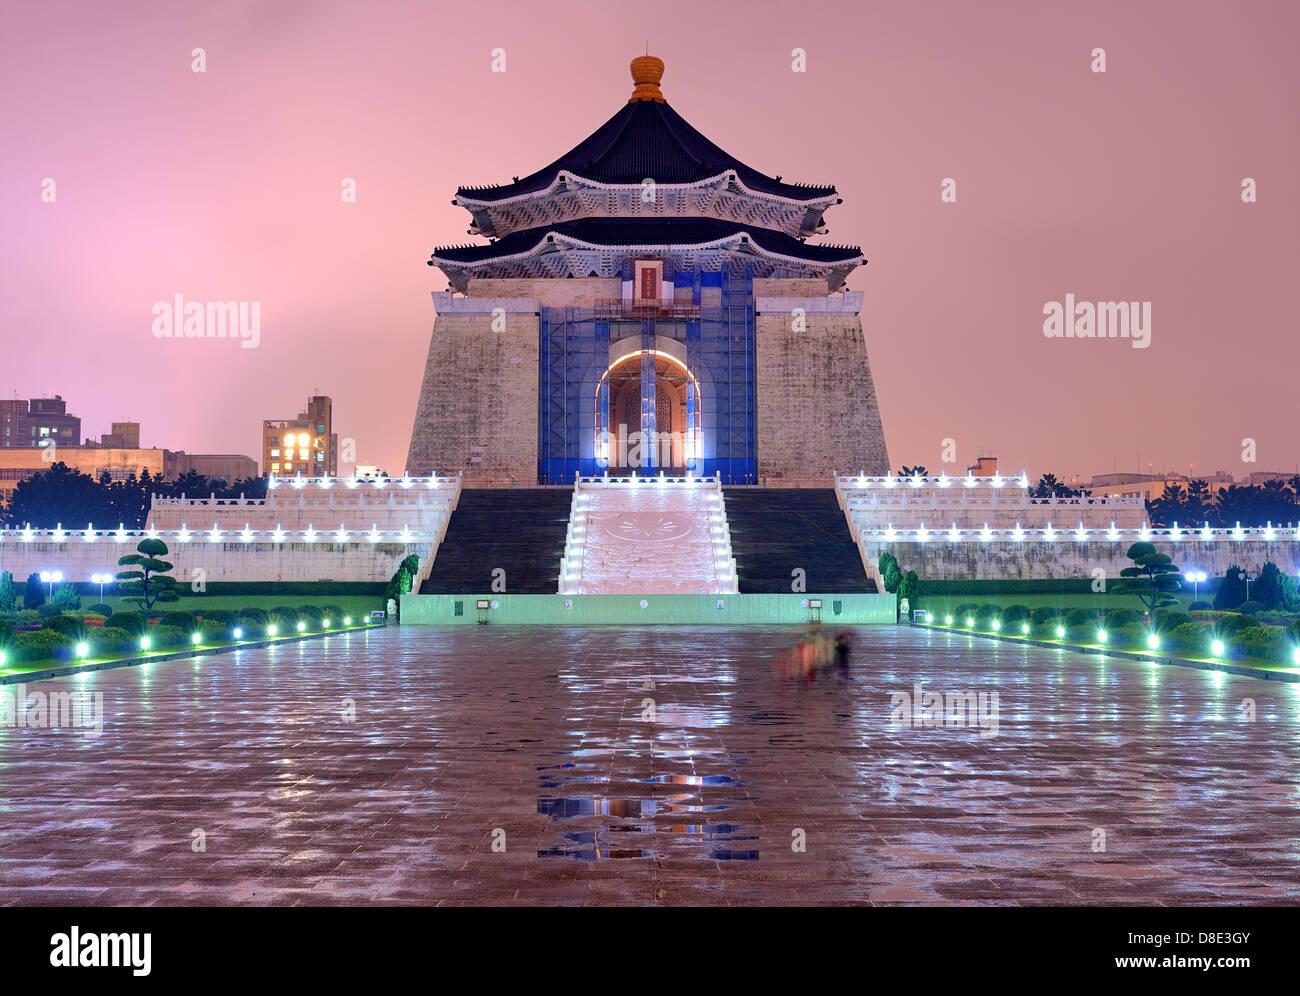 The Chiang Kai-Shek Memorial in Taipei, Taiwan. - Stock Image